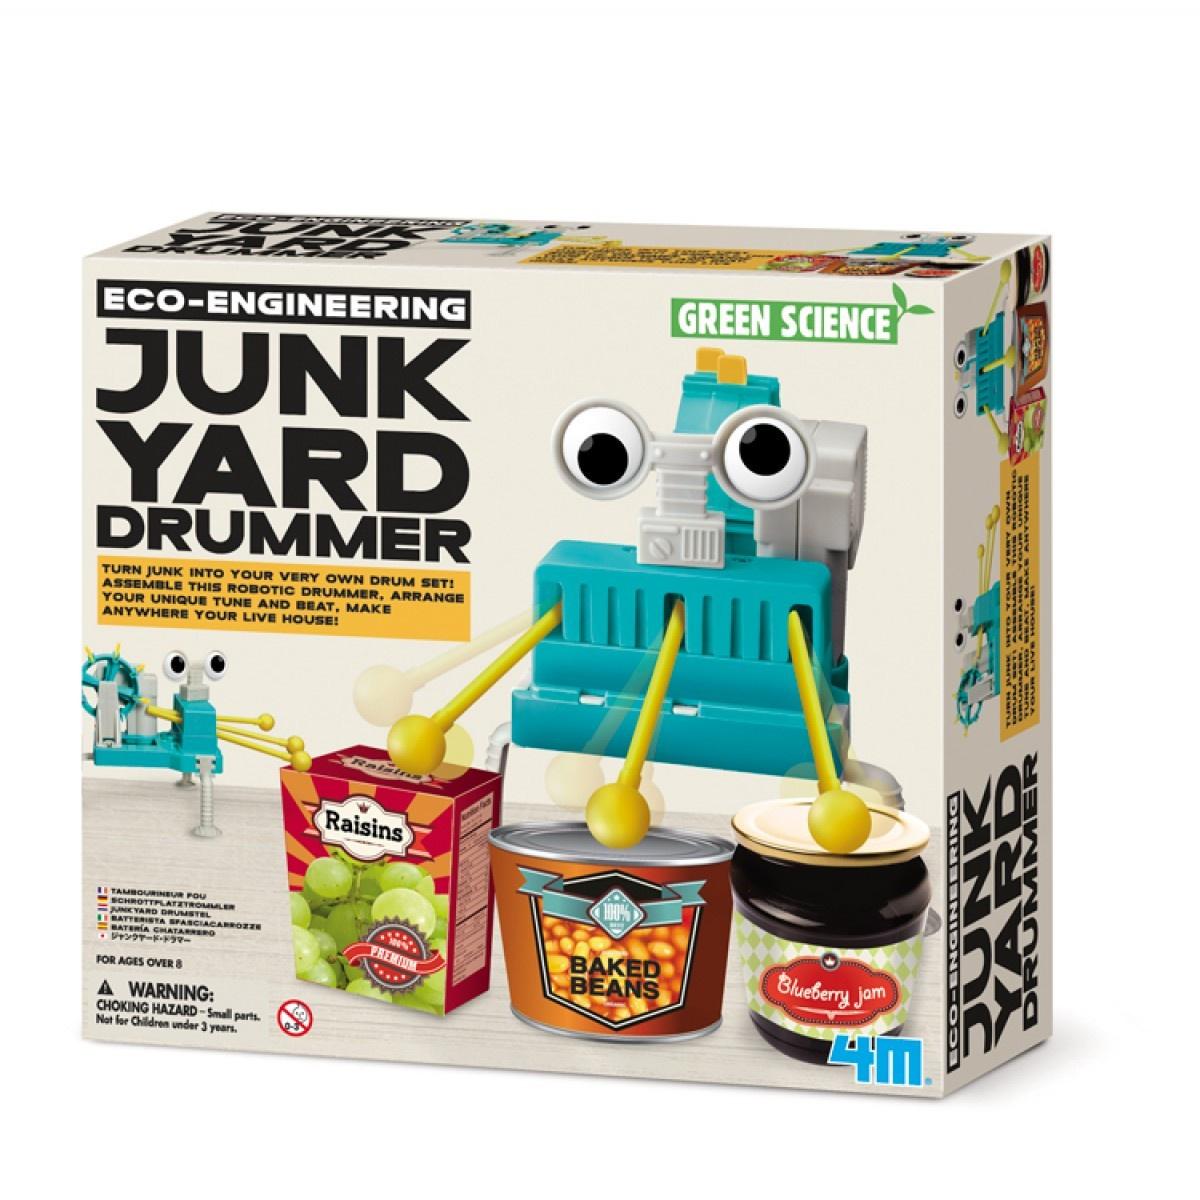 ECO-ENGINEERING JUNKYARD DRUMMER